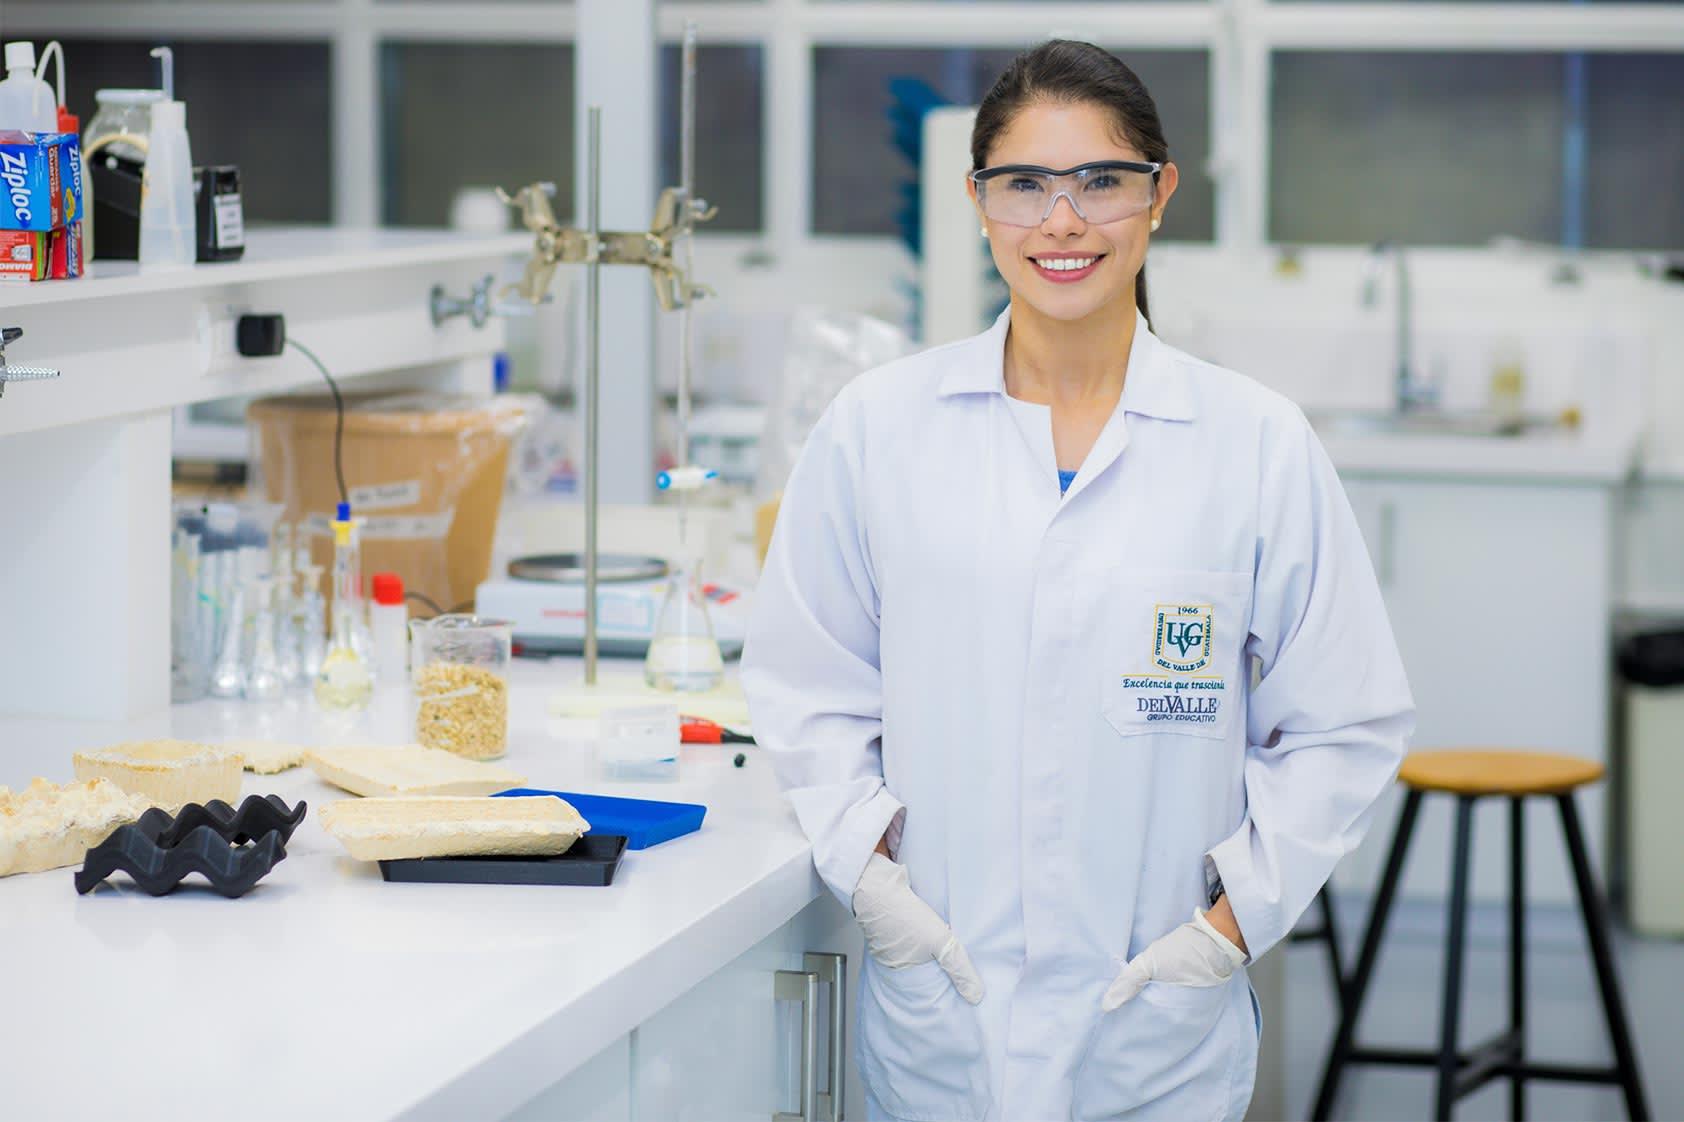 Astrid Ortega y su estudio sobre empaques a base hongos para alimentos